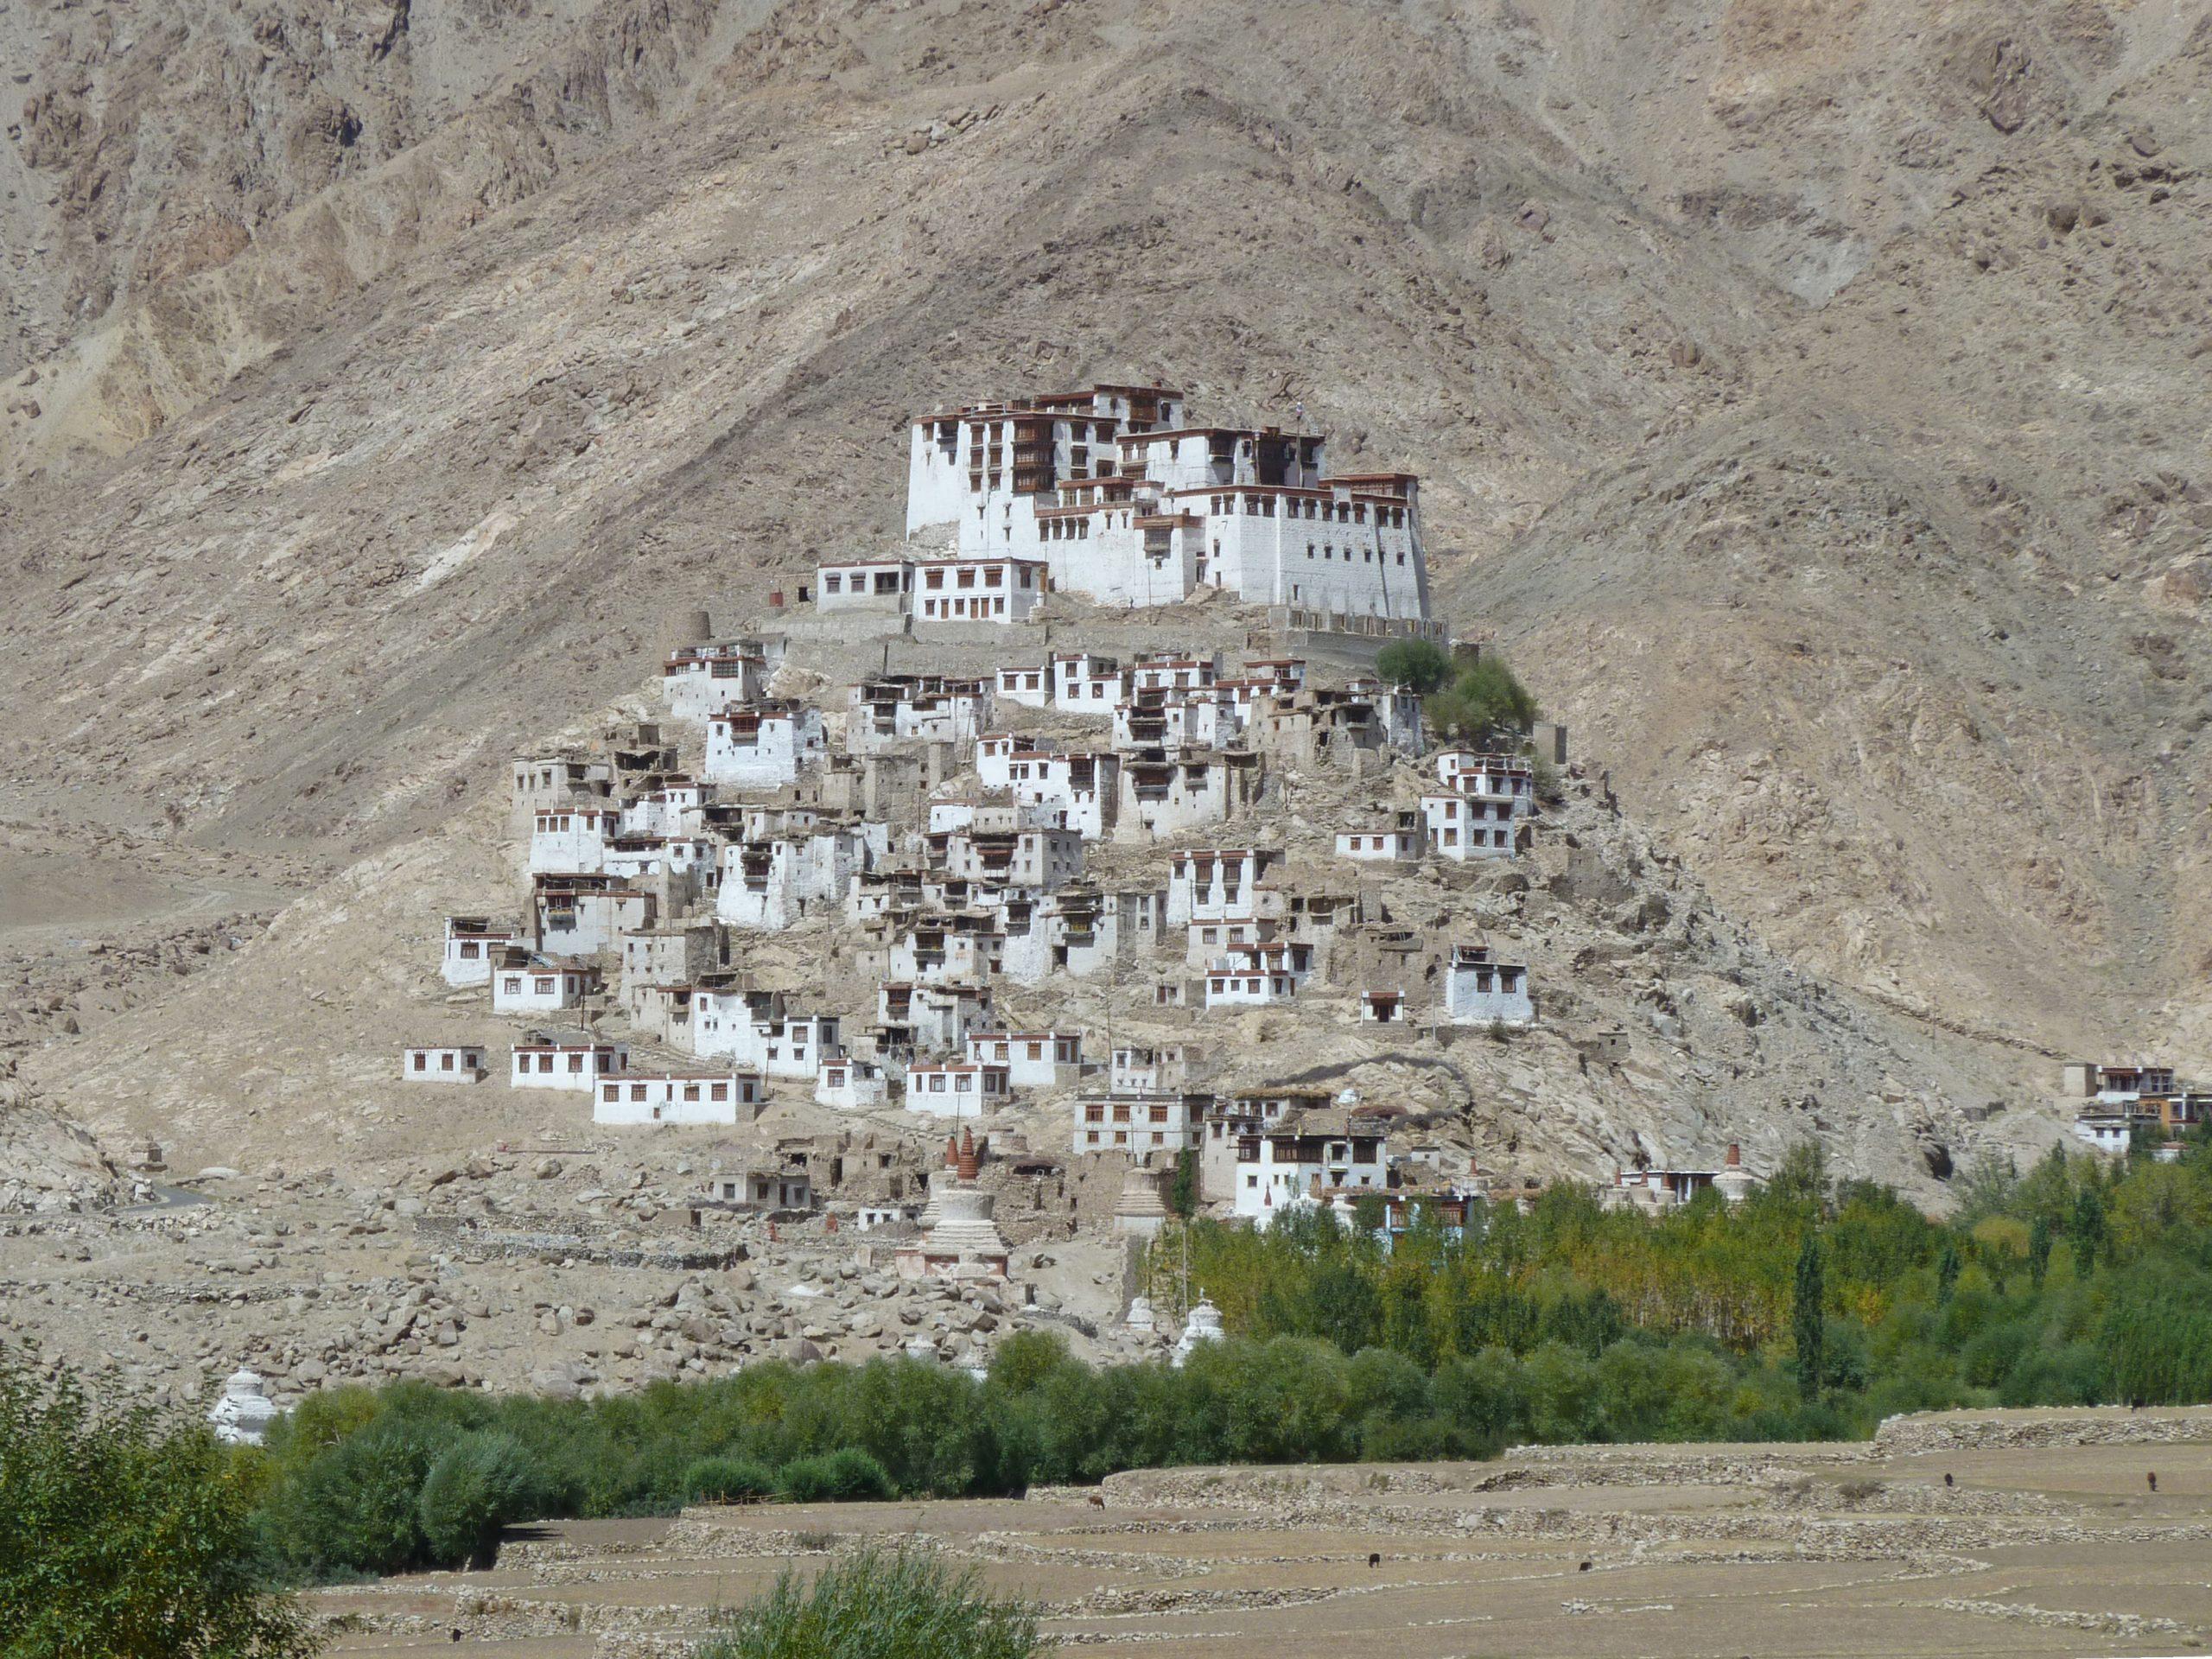 Radreise Ladakh 2012 - Monastery Chemrey